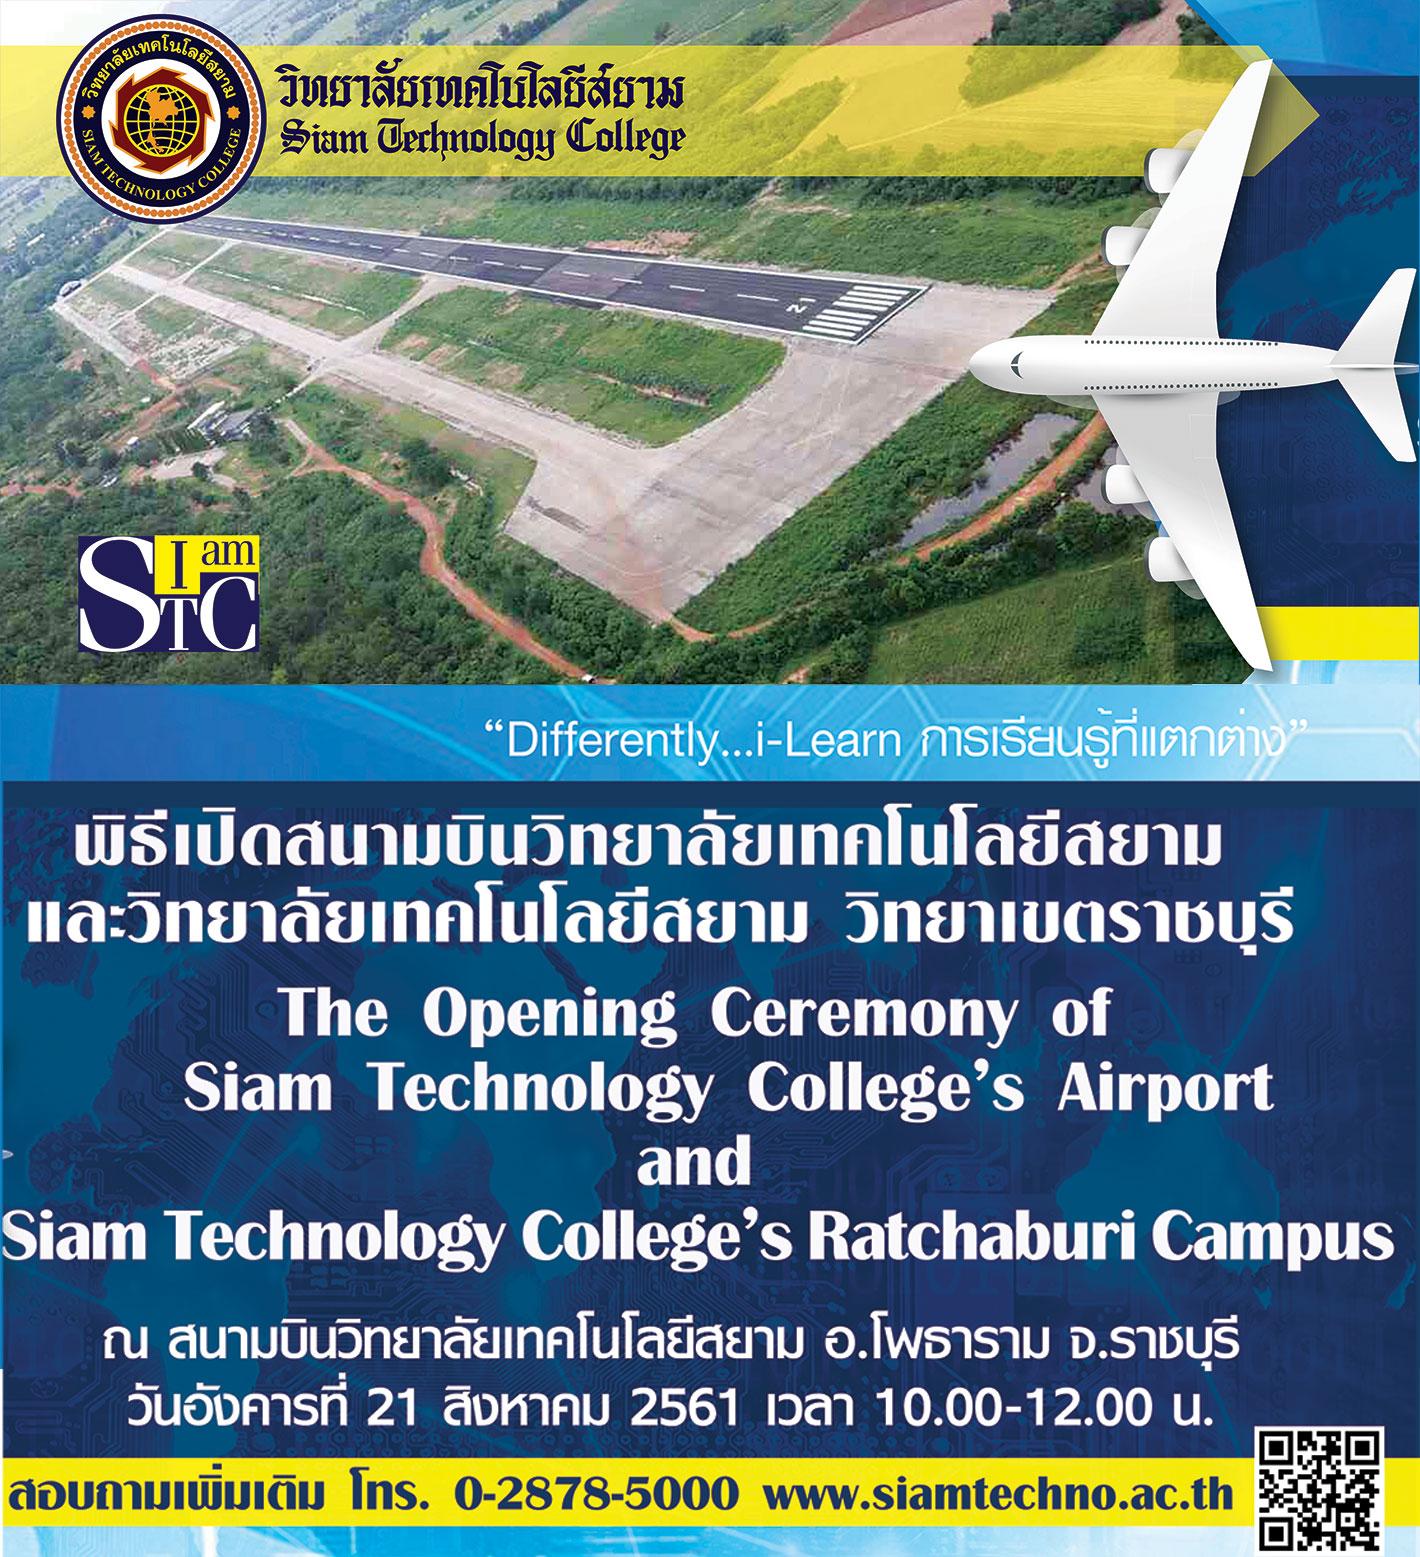 พิธีเปิดสนามบินวิทยาลัยเทคโนโลยีสยาม และวิทยาลัยเทคโนโลยีสยาม วิทยาเขตราชบุรี วันอังคารที่ 21 สิงหาคม 2561